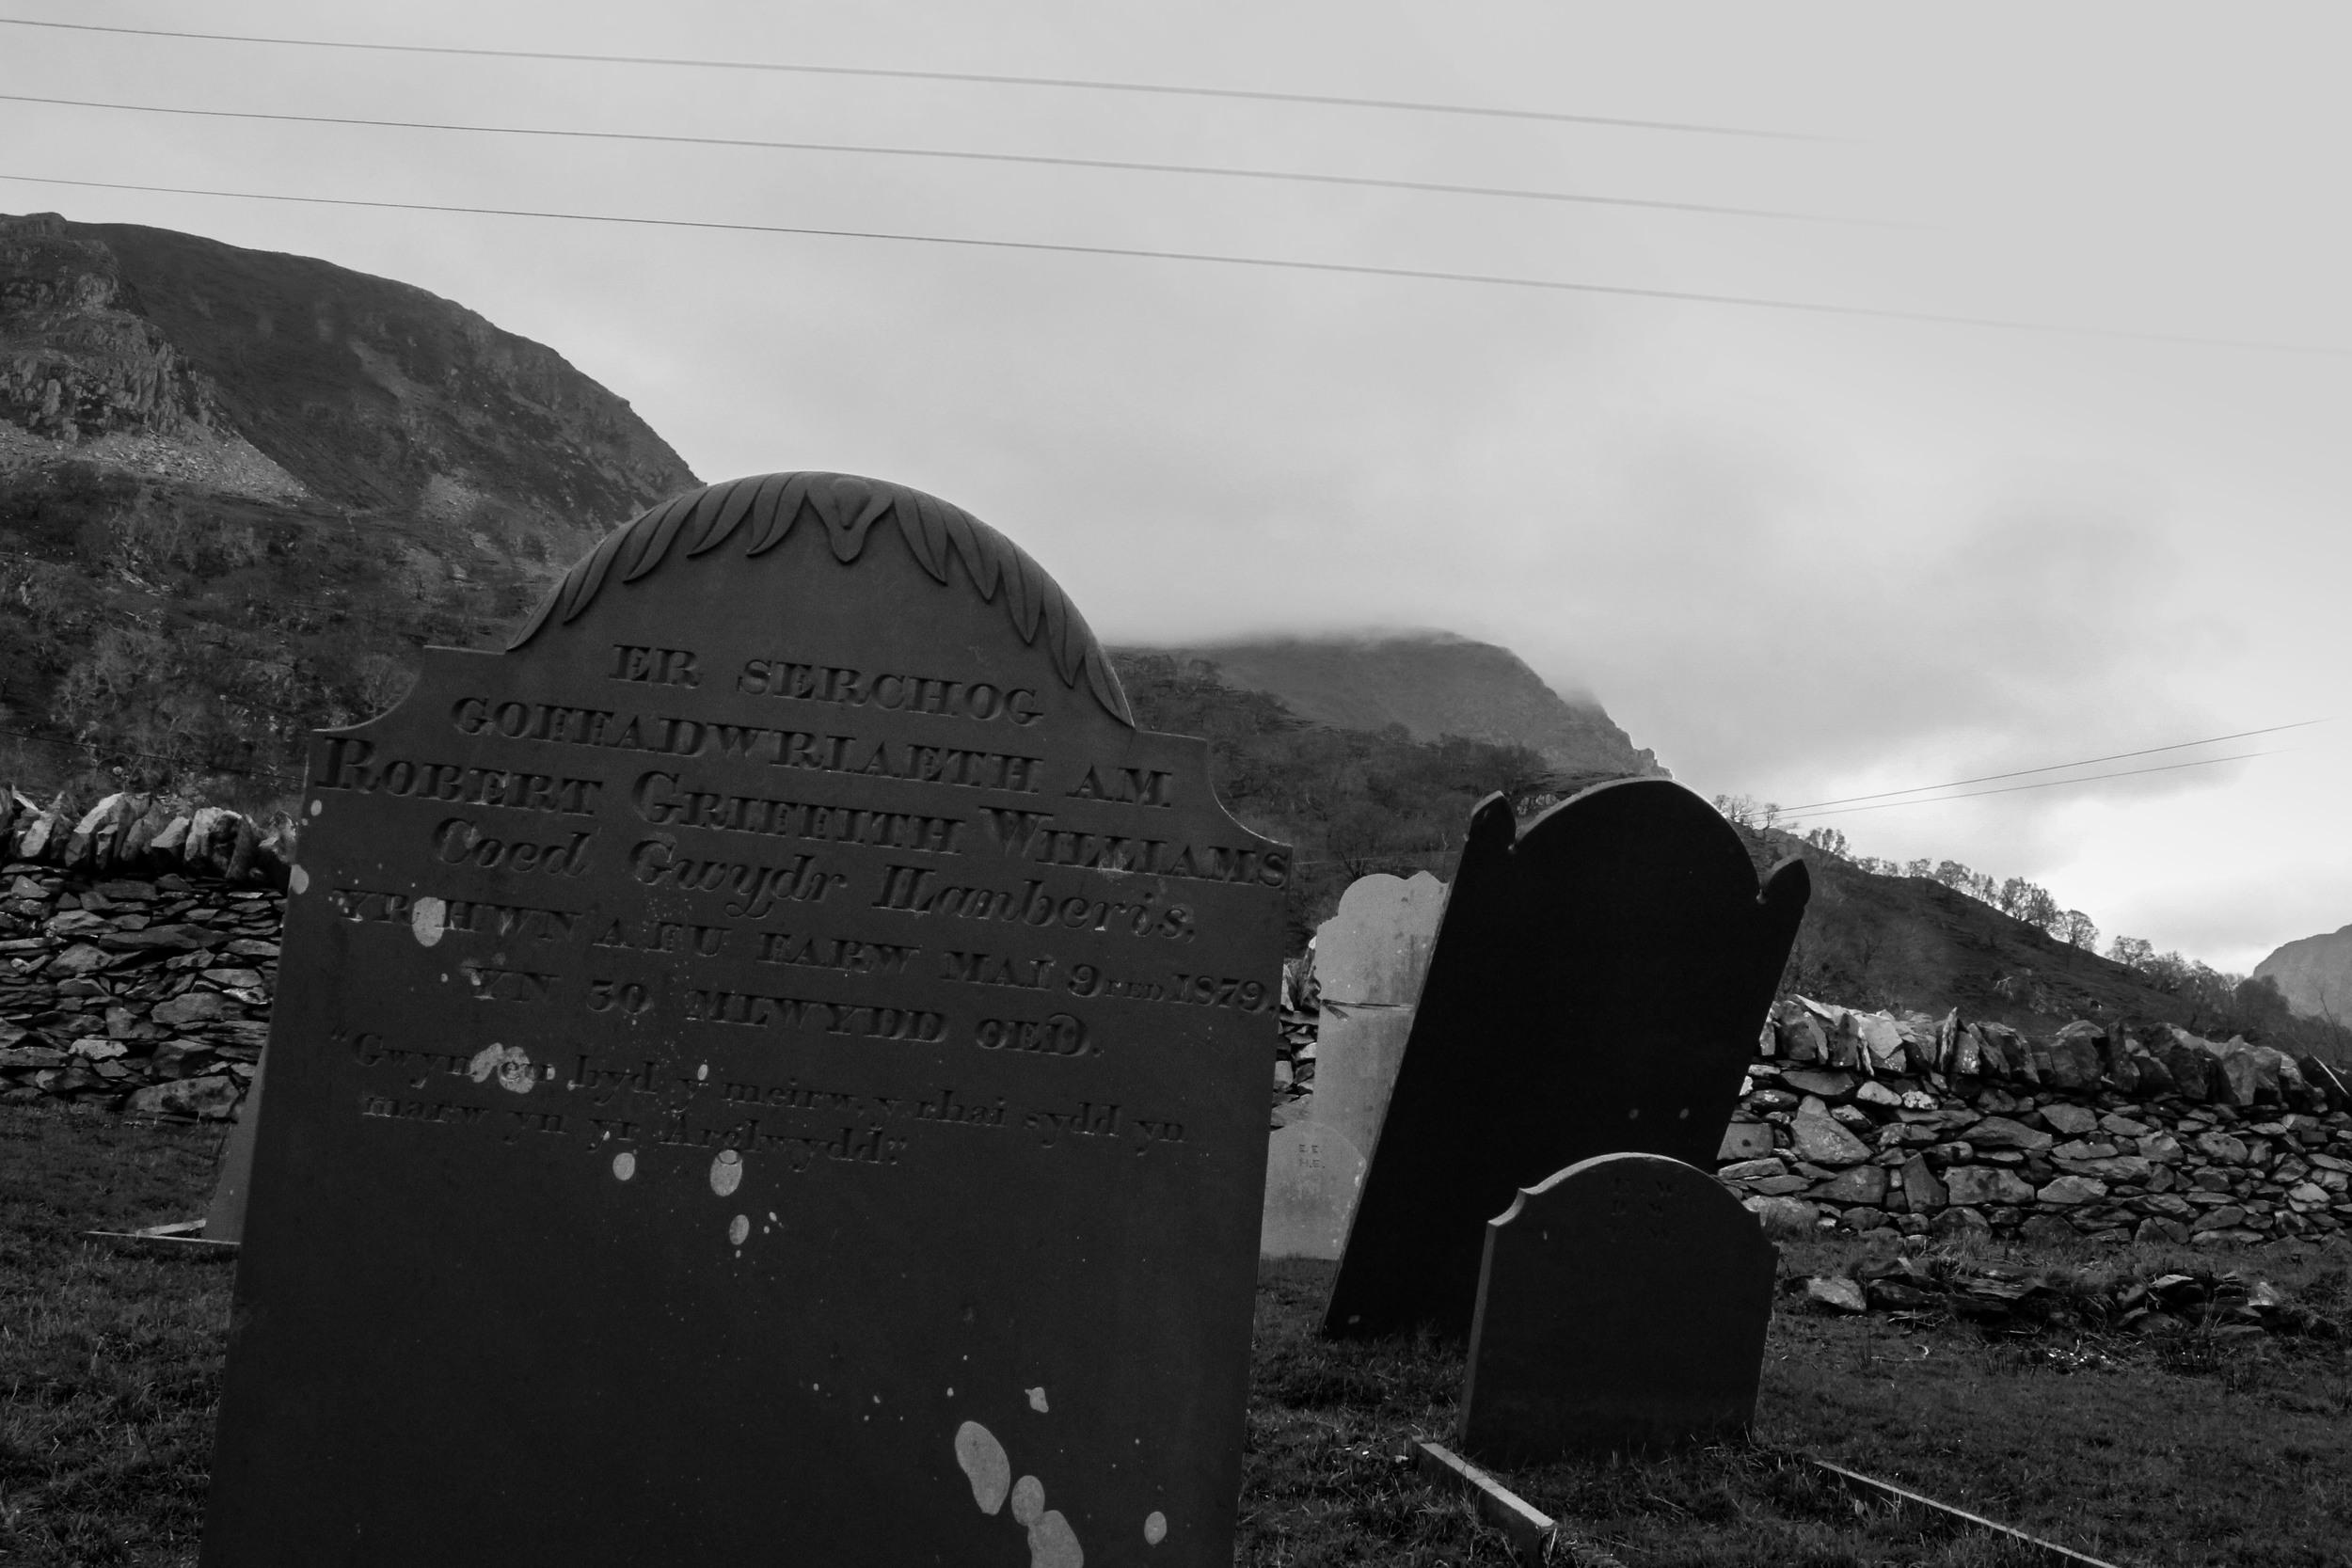 ER SERCHOG COFFADWRIAETH AM ROBERT GRIFFITH WILLIAMS Coed Gwydr Llanberis YR HWN A FU FARW MAI 9FED 1879 YN 30 MLWYDD OEDD Gwyn eu byd y meirw y rhai sydd yn marw yn yr Arglwydd    IN LOVING REMEMBRANCE     OF   ROBERT   GRIFFITH   WILLIAMS   Coed Gwydr   Llanberis   WHO DIED   MAY   9TH   1879 , AT 30 YEARS OLD    Blessed are the   dead who   die   in   the Lord